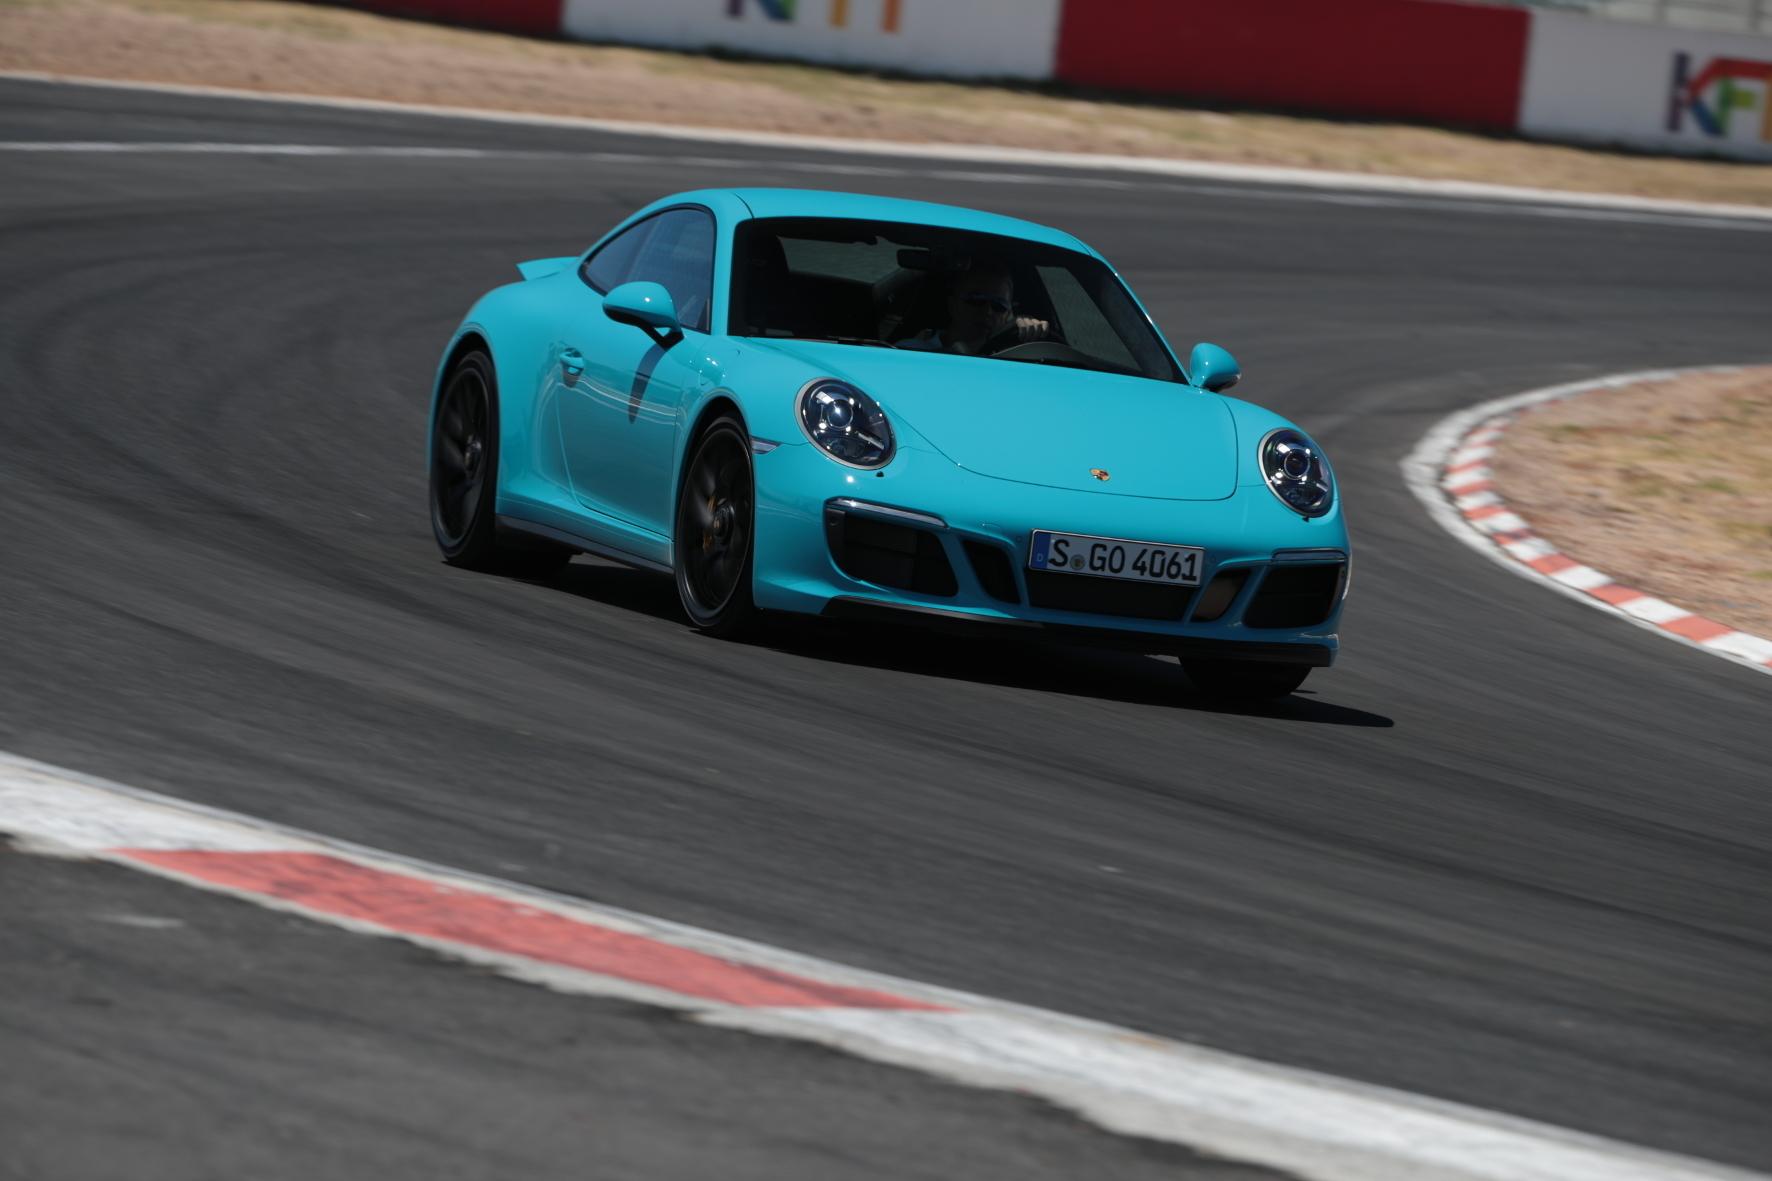 mid Kapstadt - Für einen Schuss mehr Renn-Feeling: Porsche bietet mit der neuen GTS-Variante des nun turboaufgeladenen 911 ein Zwischending aus beherrschbarem Sportwagen für den Alltag und einem Rennstrecken-Spezialisten vom Schlage eines GT3.